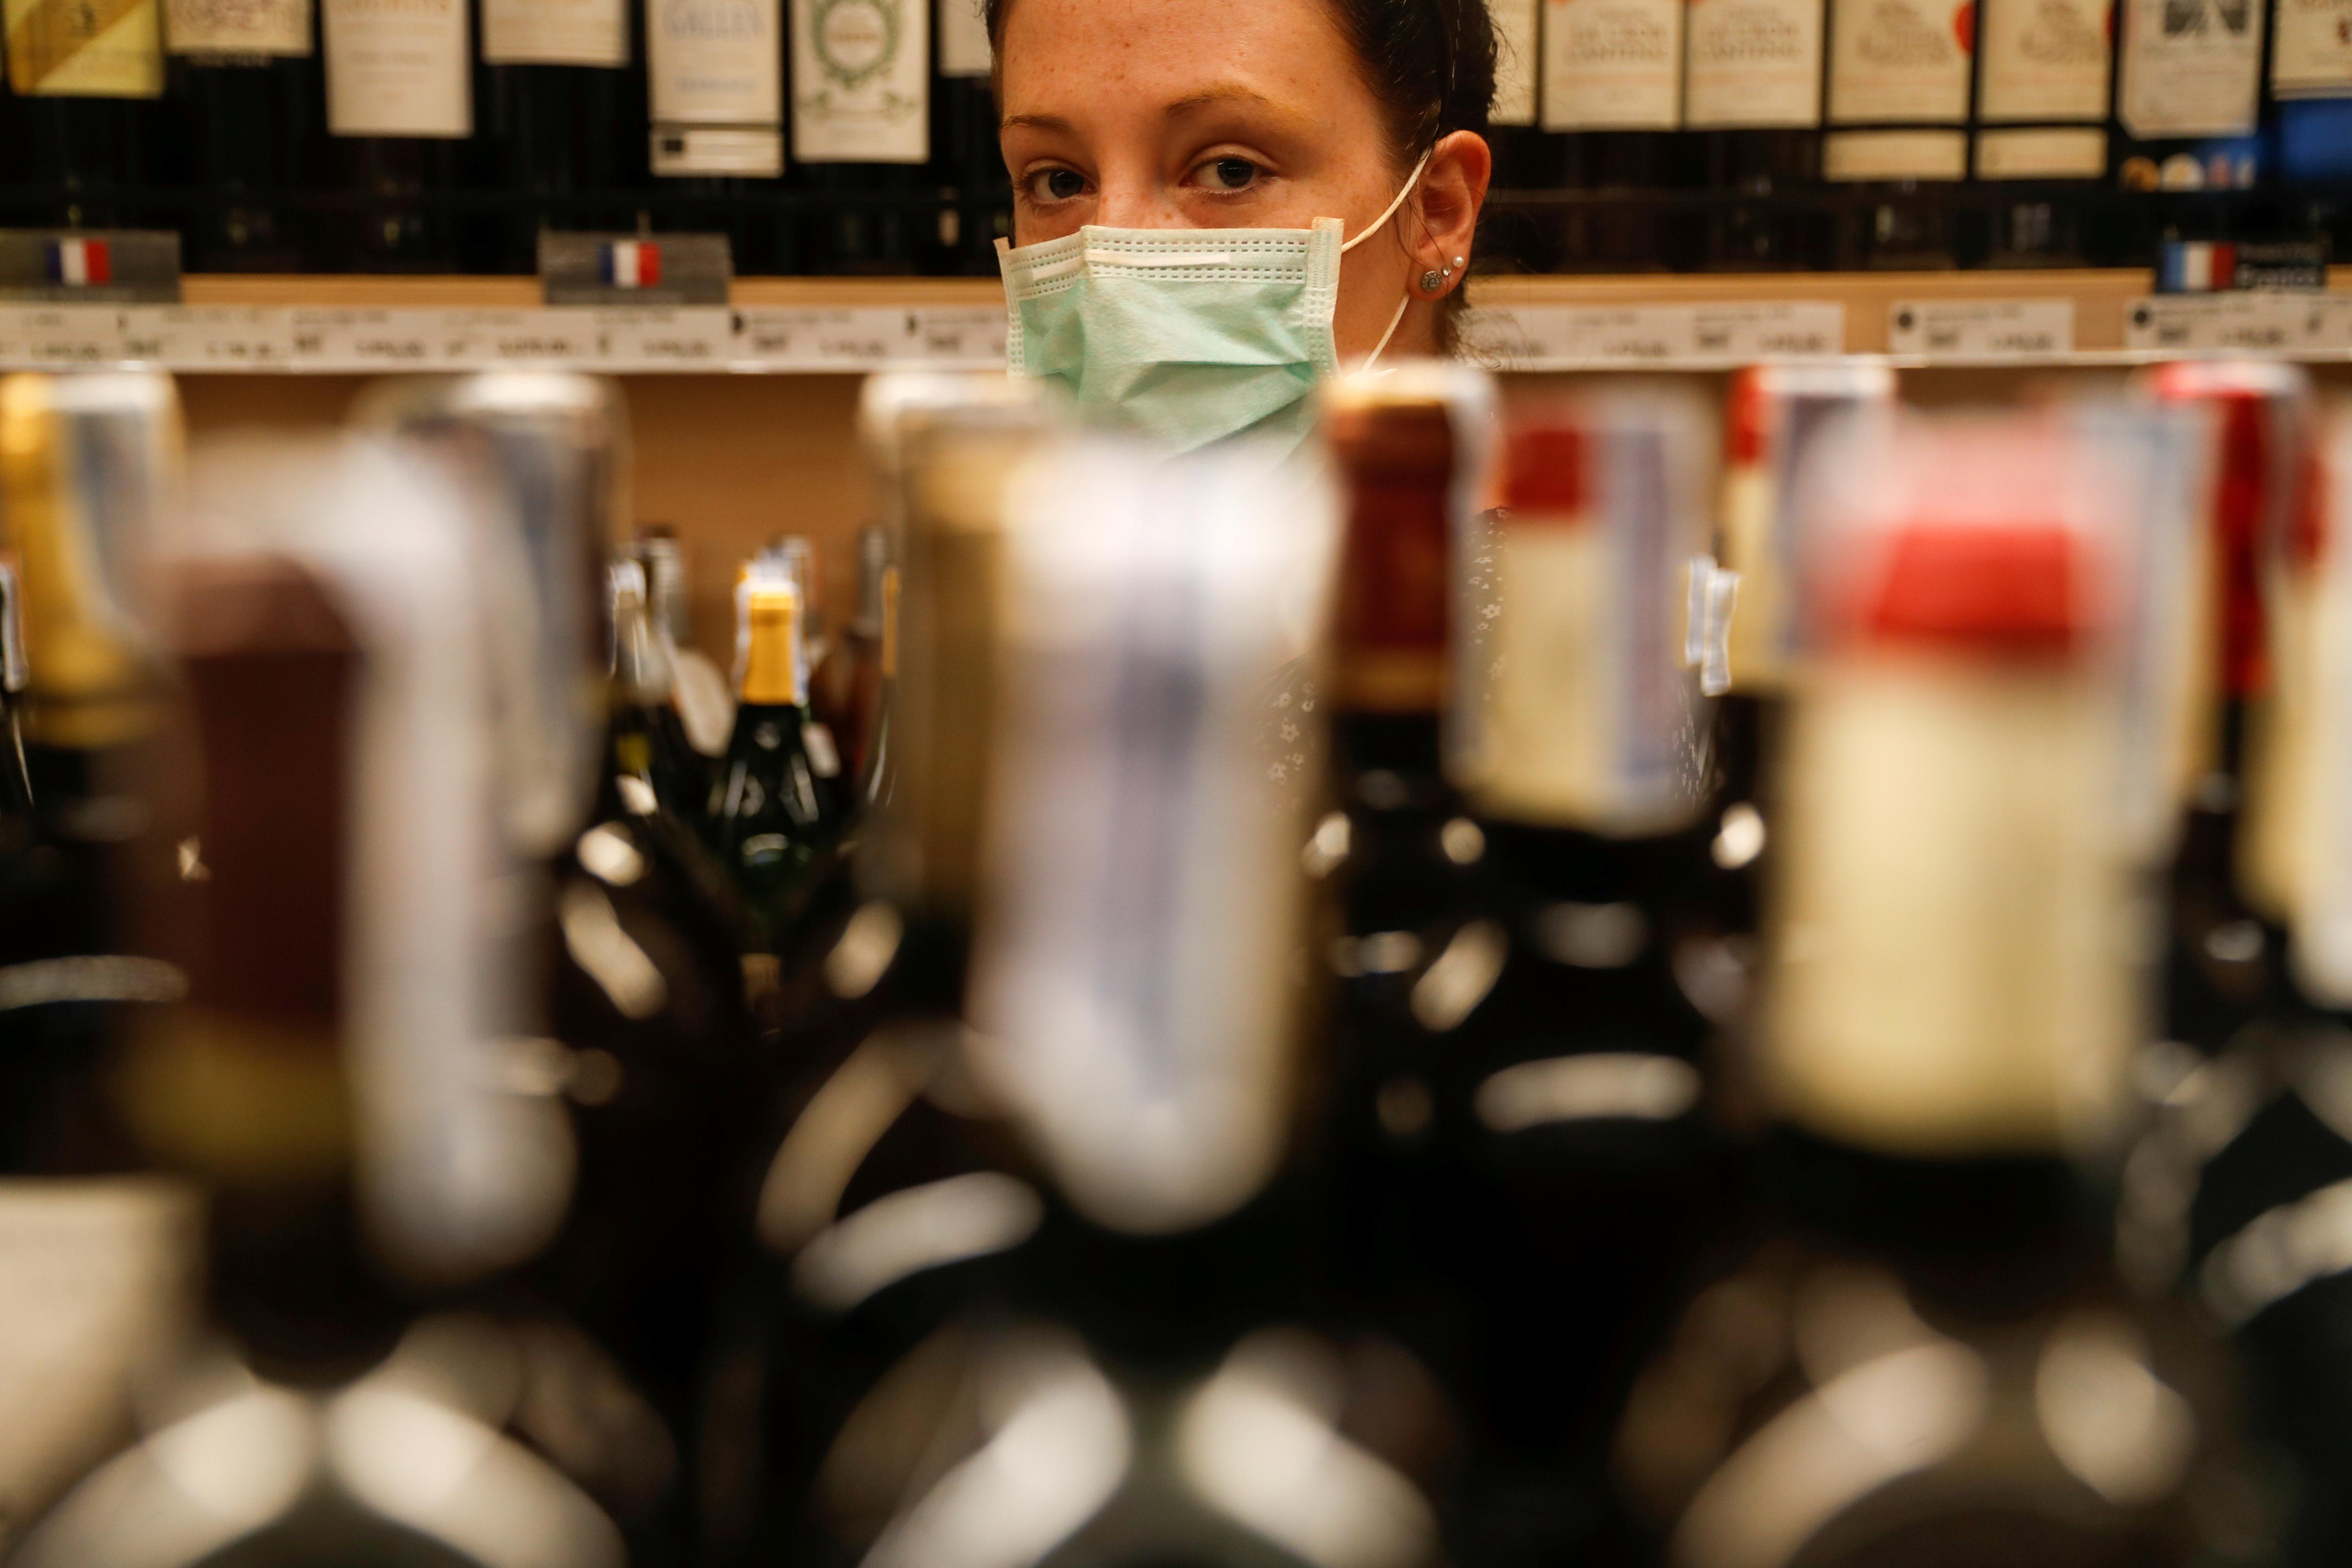 Россияне начали закупаться впрок из-за роста заболеваемости